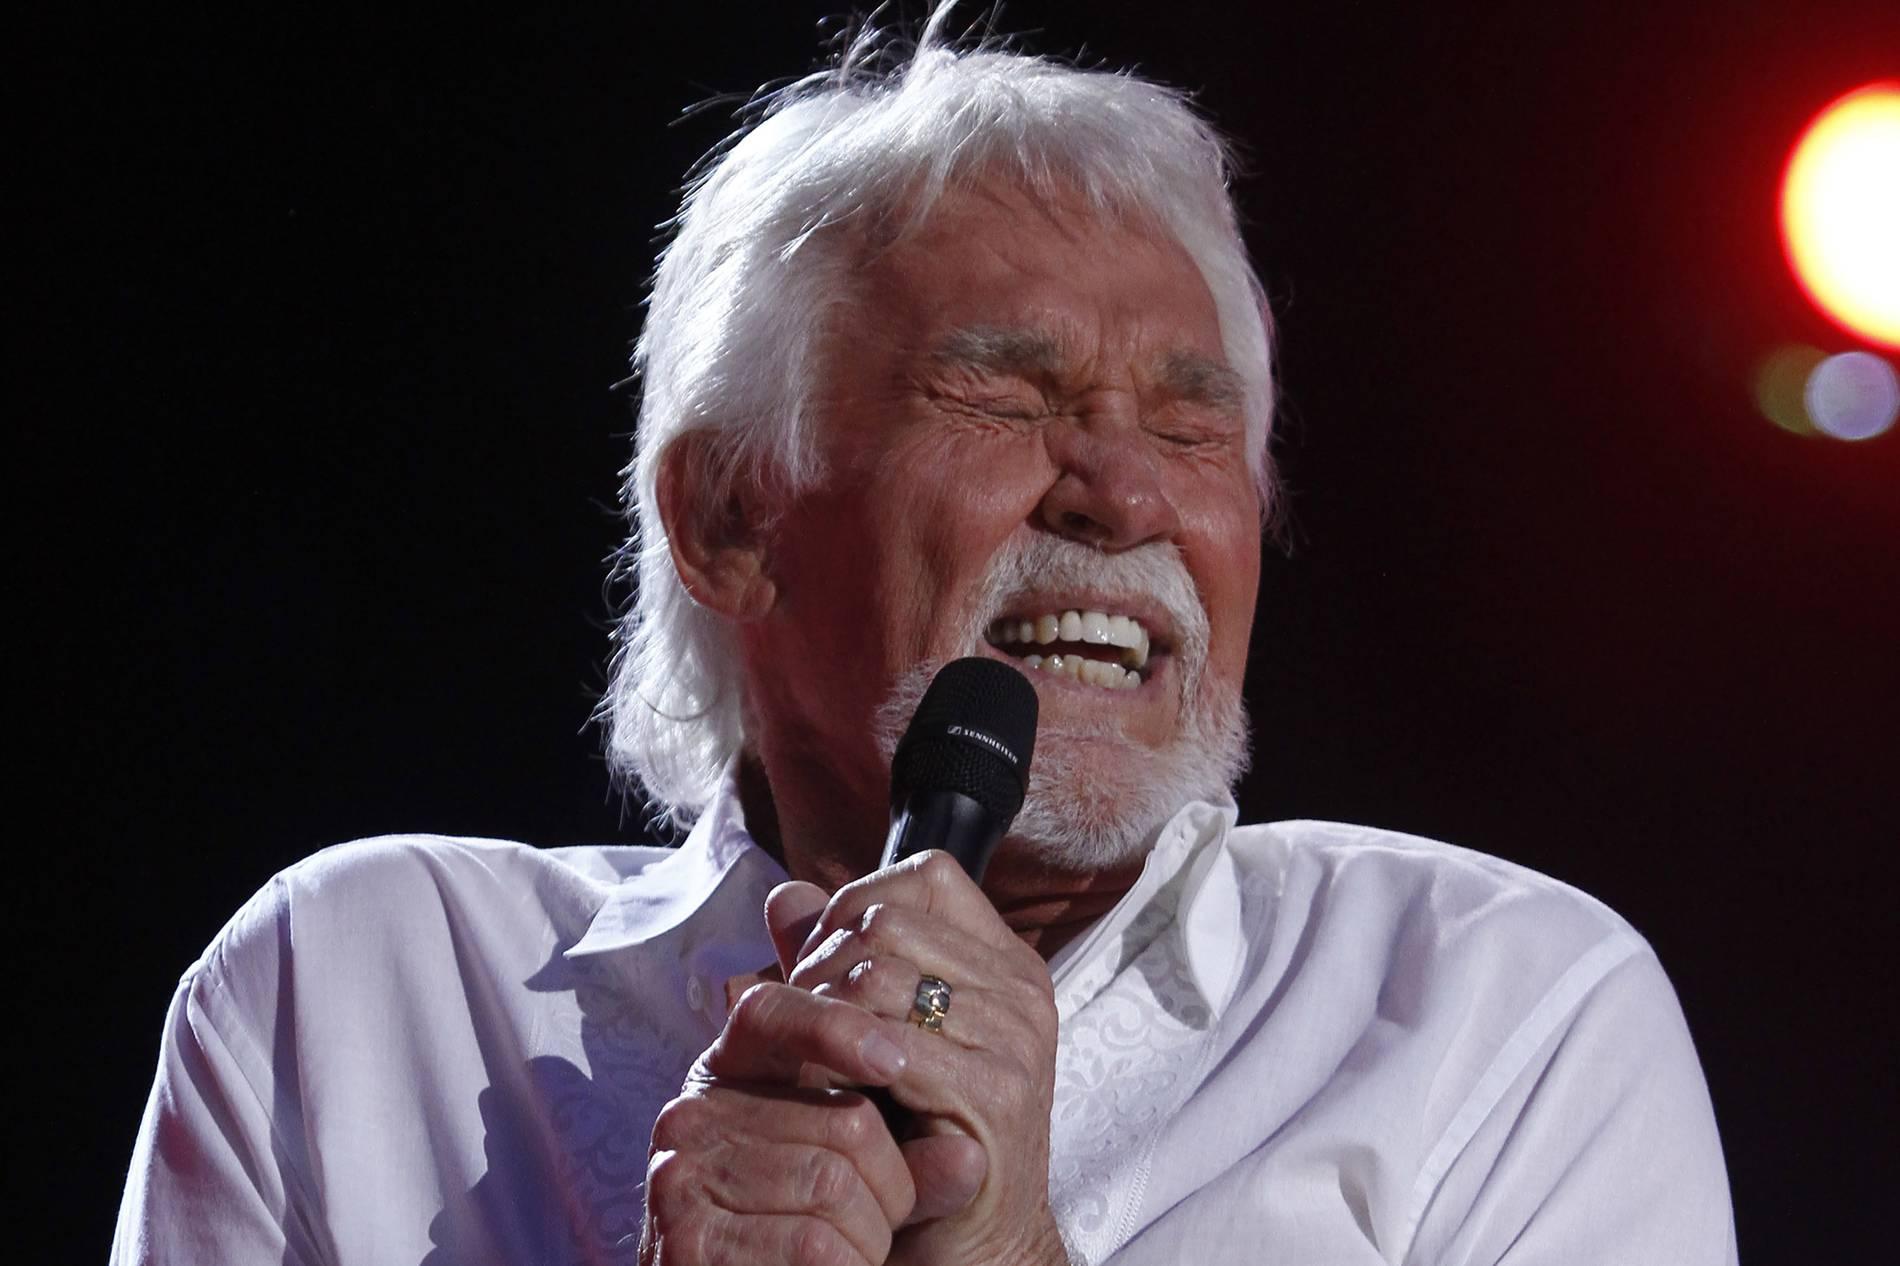 Trauer um Country-Sänger: Kenny Rogers stirbt mit 81 Jahren